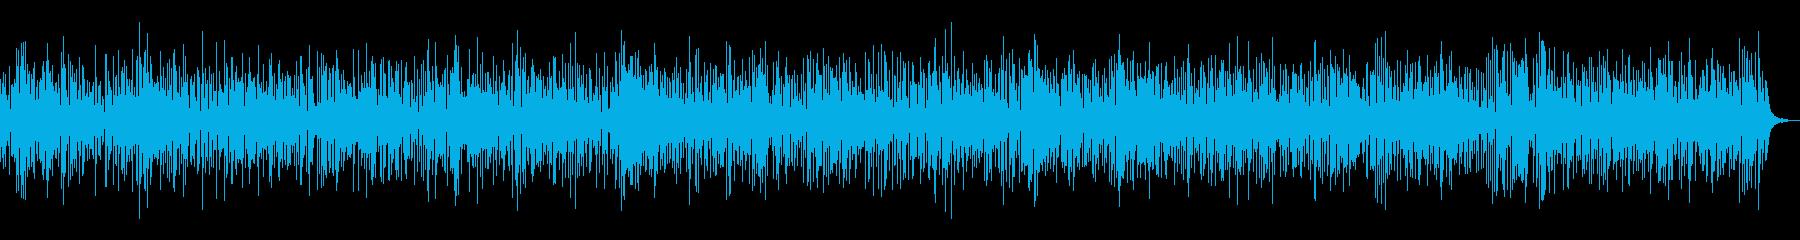 爽やかでおしゃれな夏ボサノヴァギターの再生済みの波形